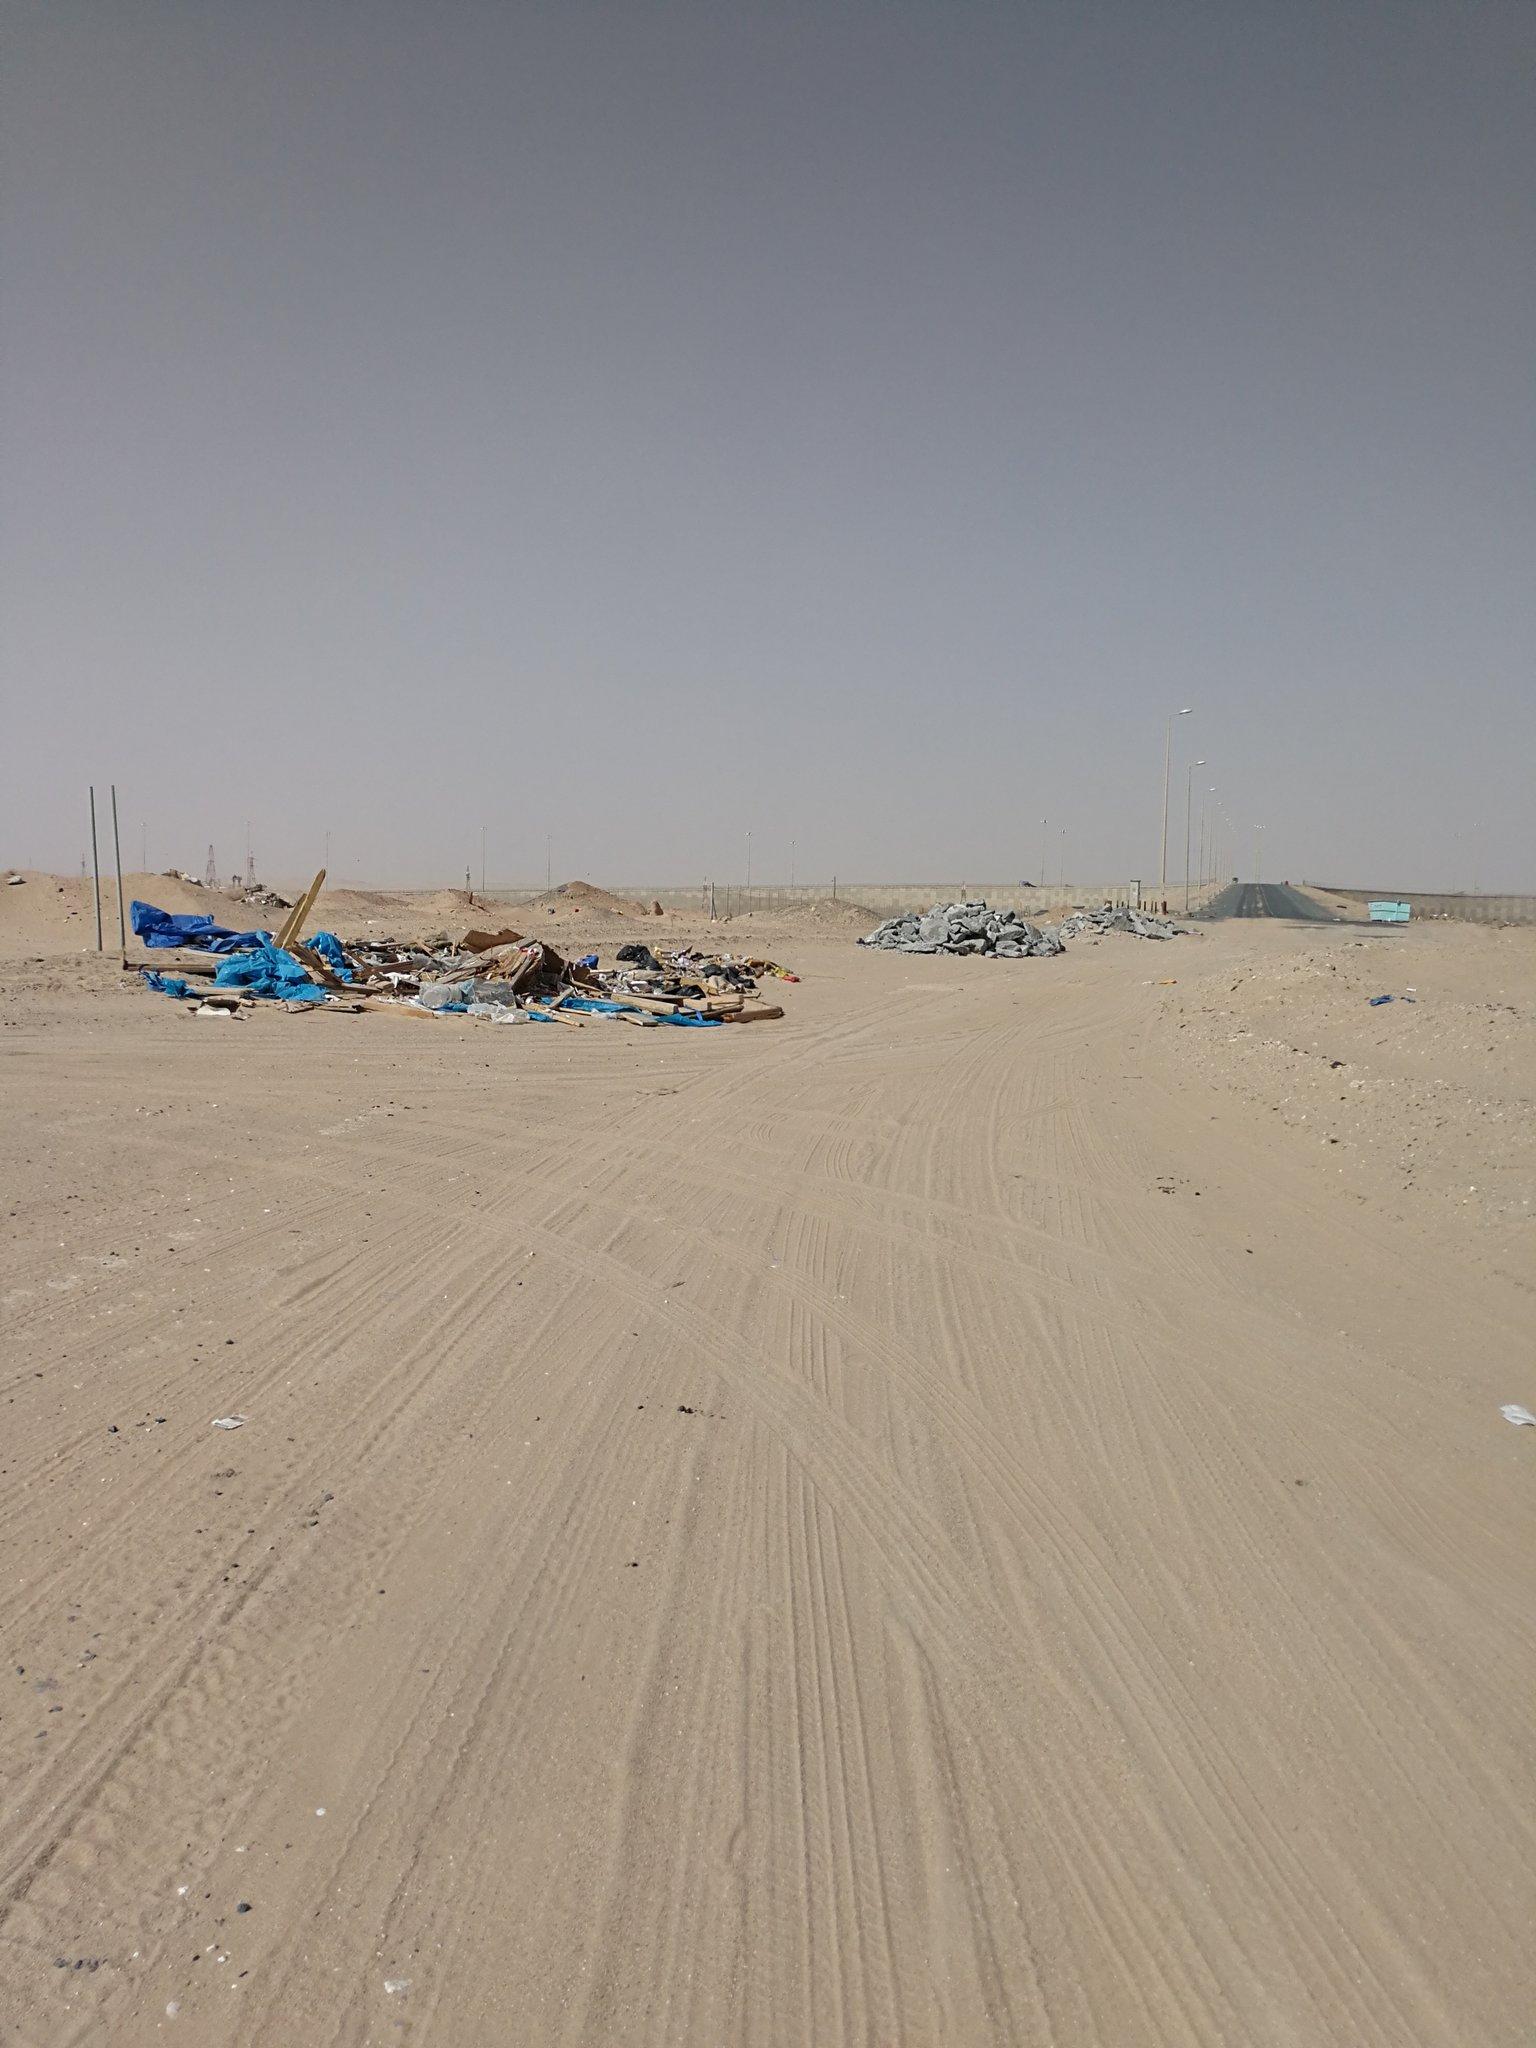 رمي مخلفات بناء في منطقة الصبية https://t.co/VRvciOcYP3